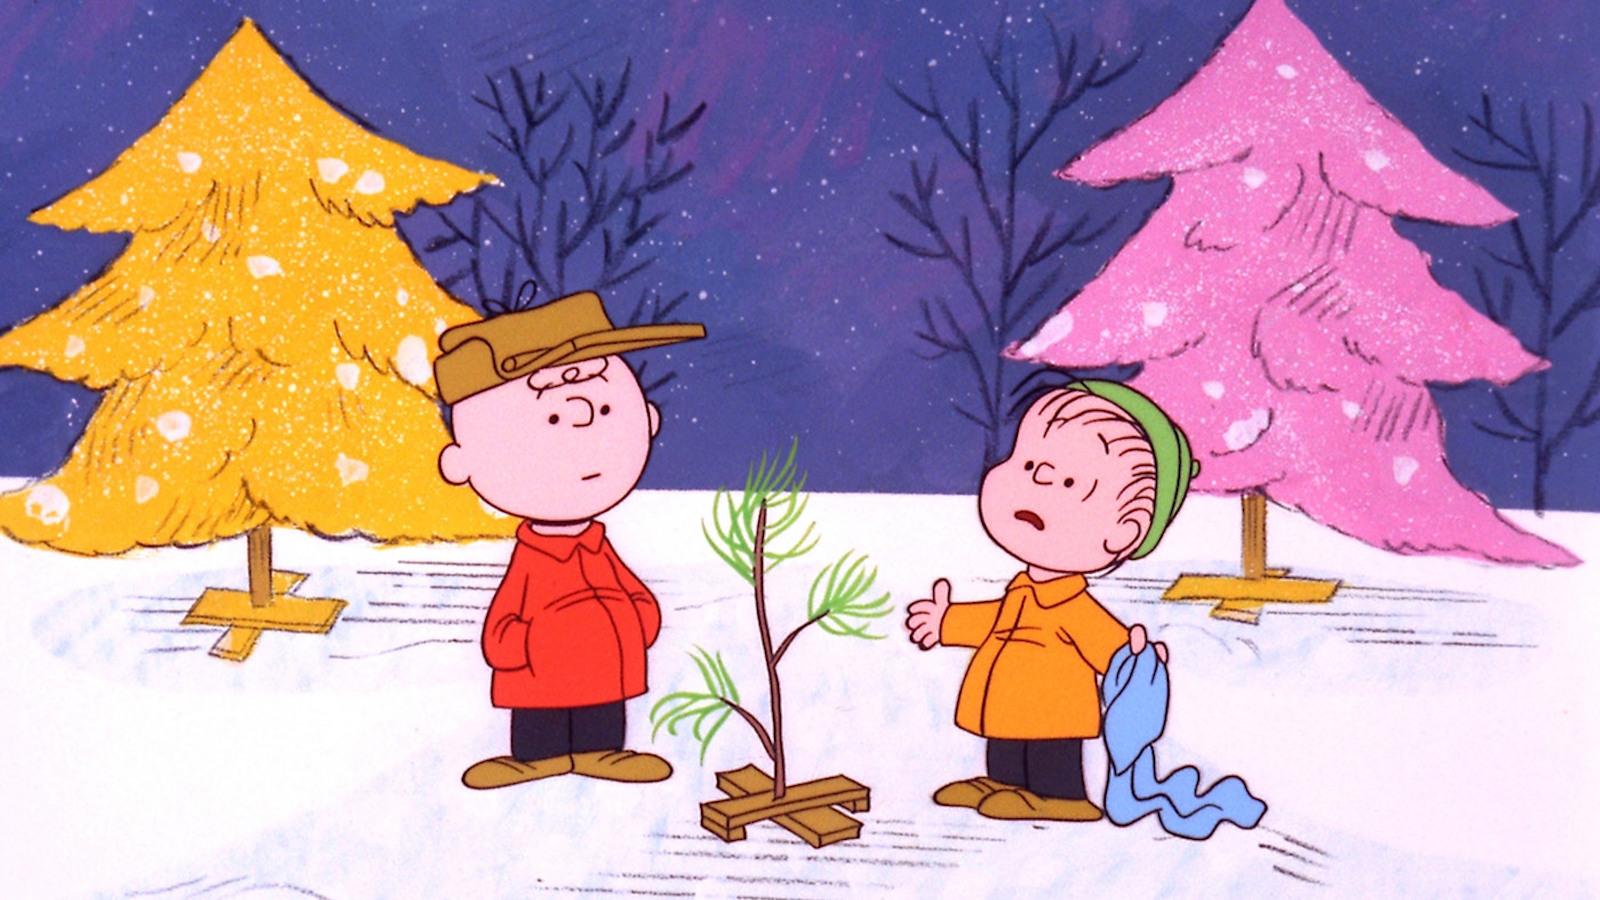 A Charlie Brown Christmas movie